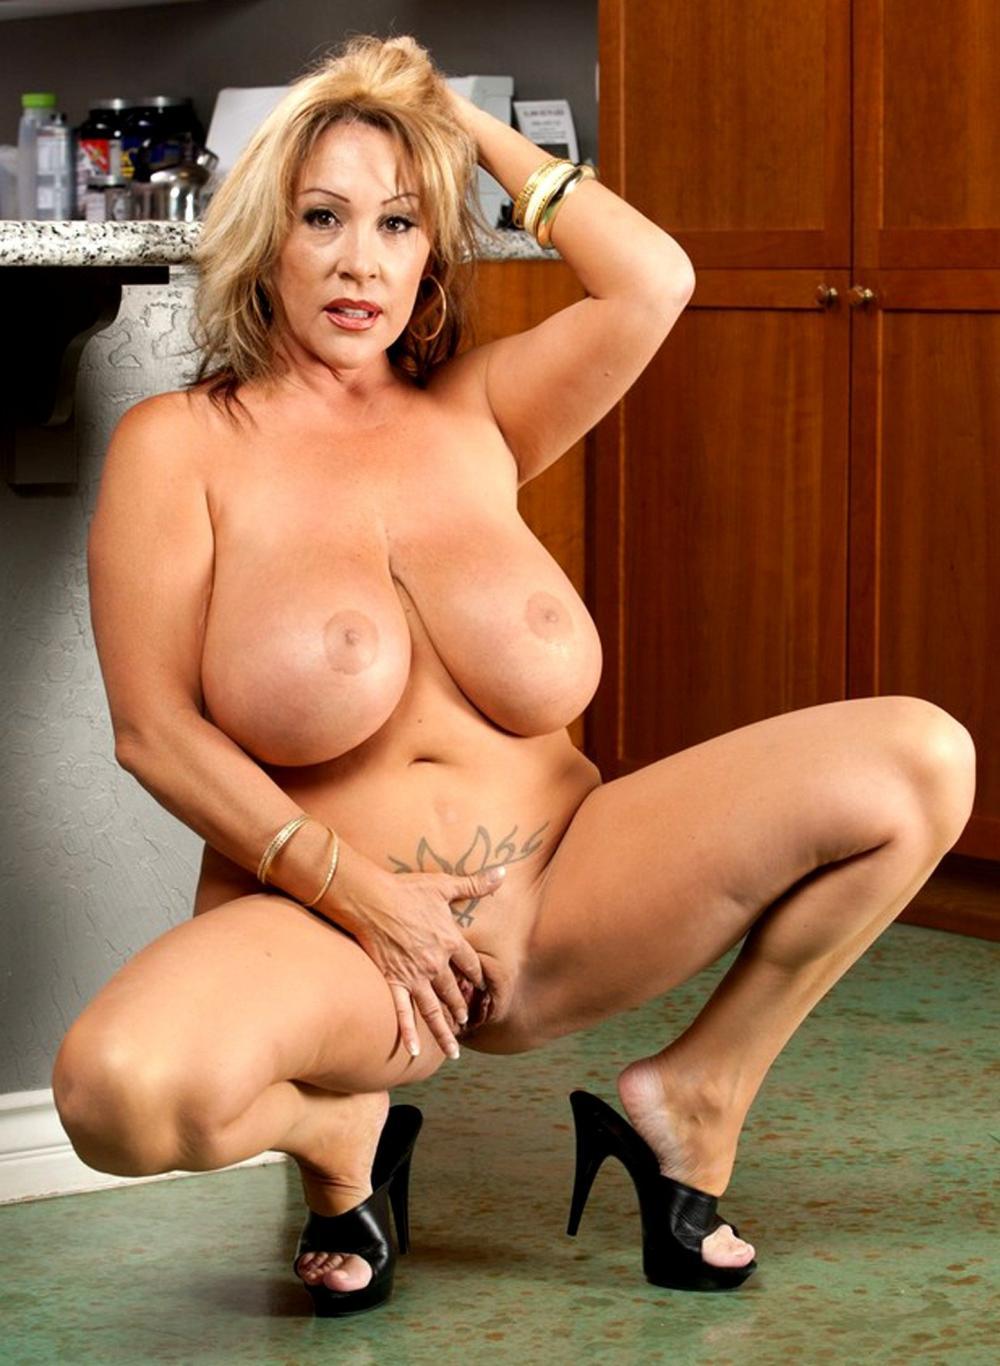 Голая грудь зрелой женщины блондинки, большого размера, сидит на корточках в босоножках на шпильке, левая рука поднята на голову, правой дрочит бритую пизду, на животе сделано тату